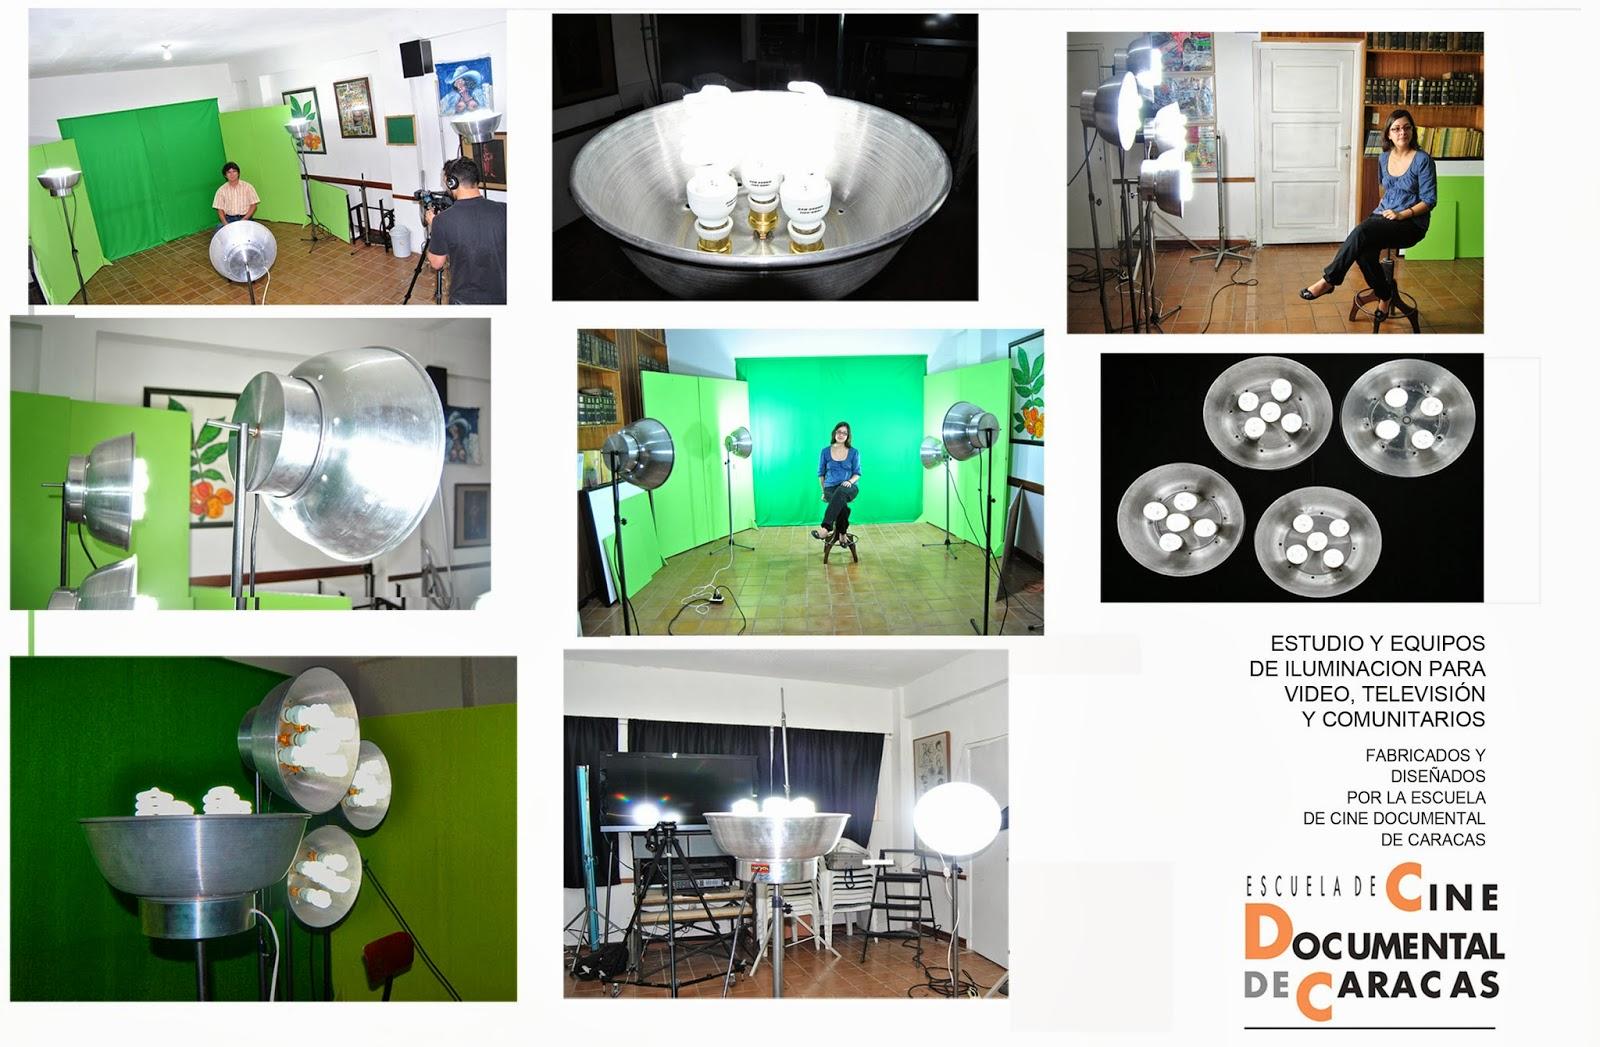 Escuela de cine documental de caracas tecnolog a audiovisual equipos artesanales para - Iluminacion cinematografica ...